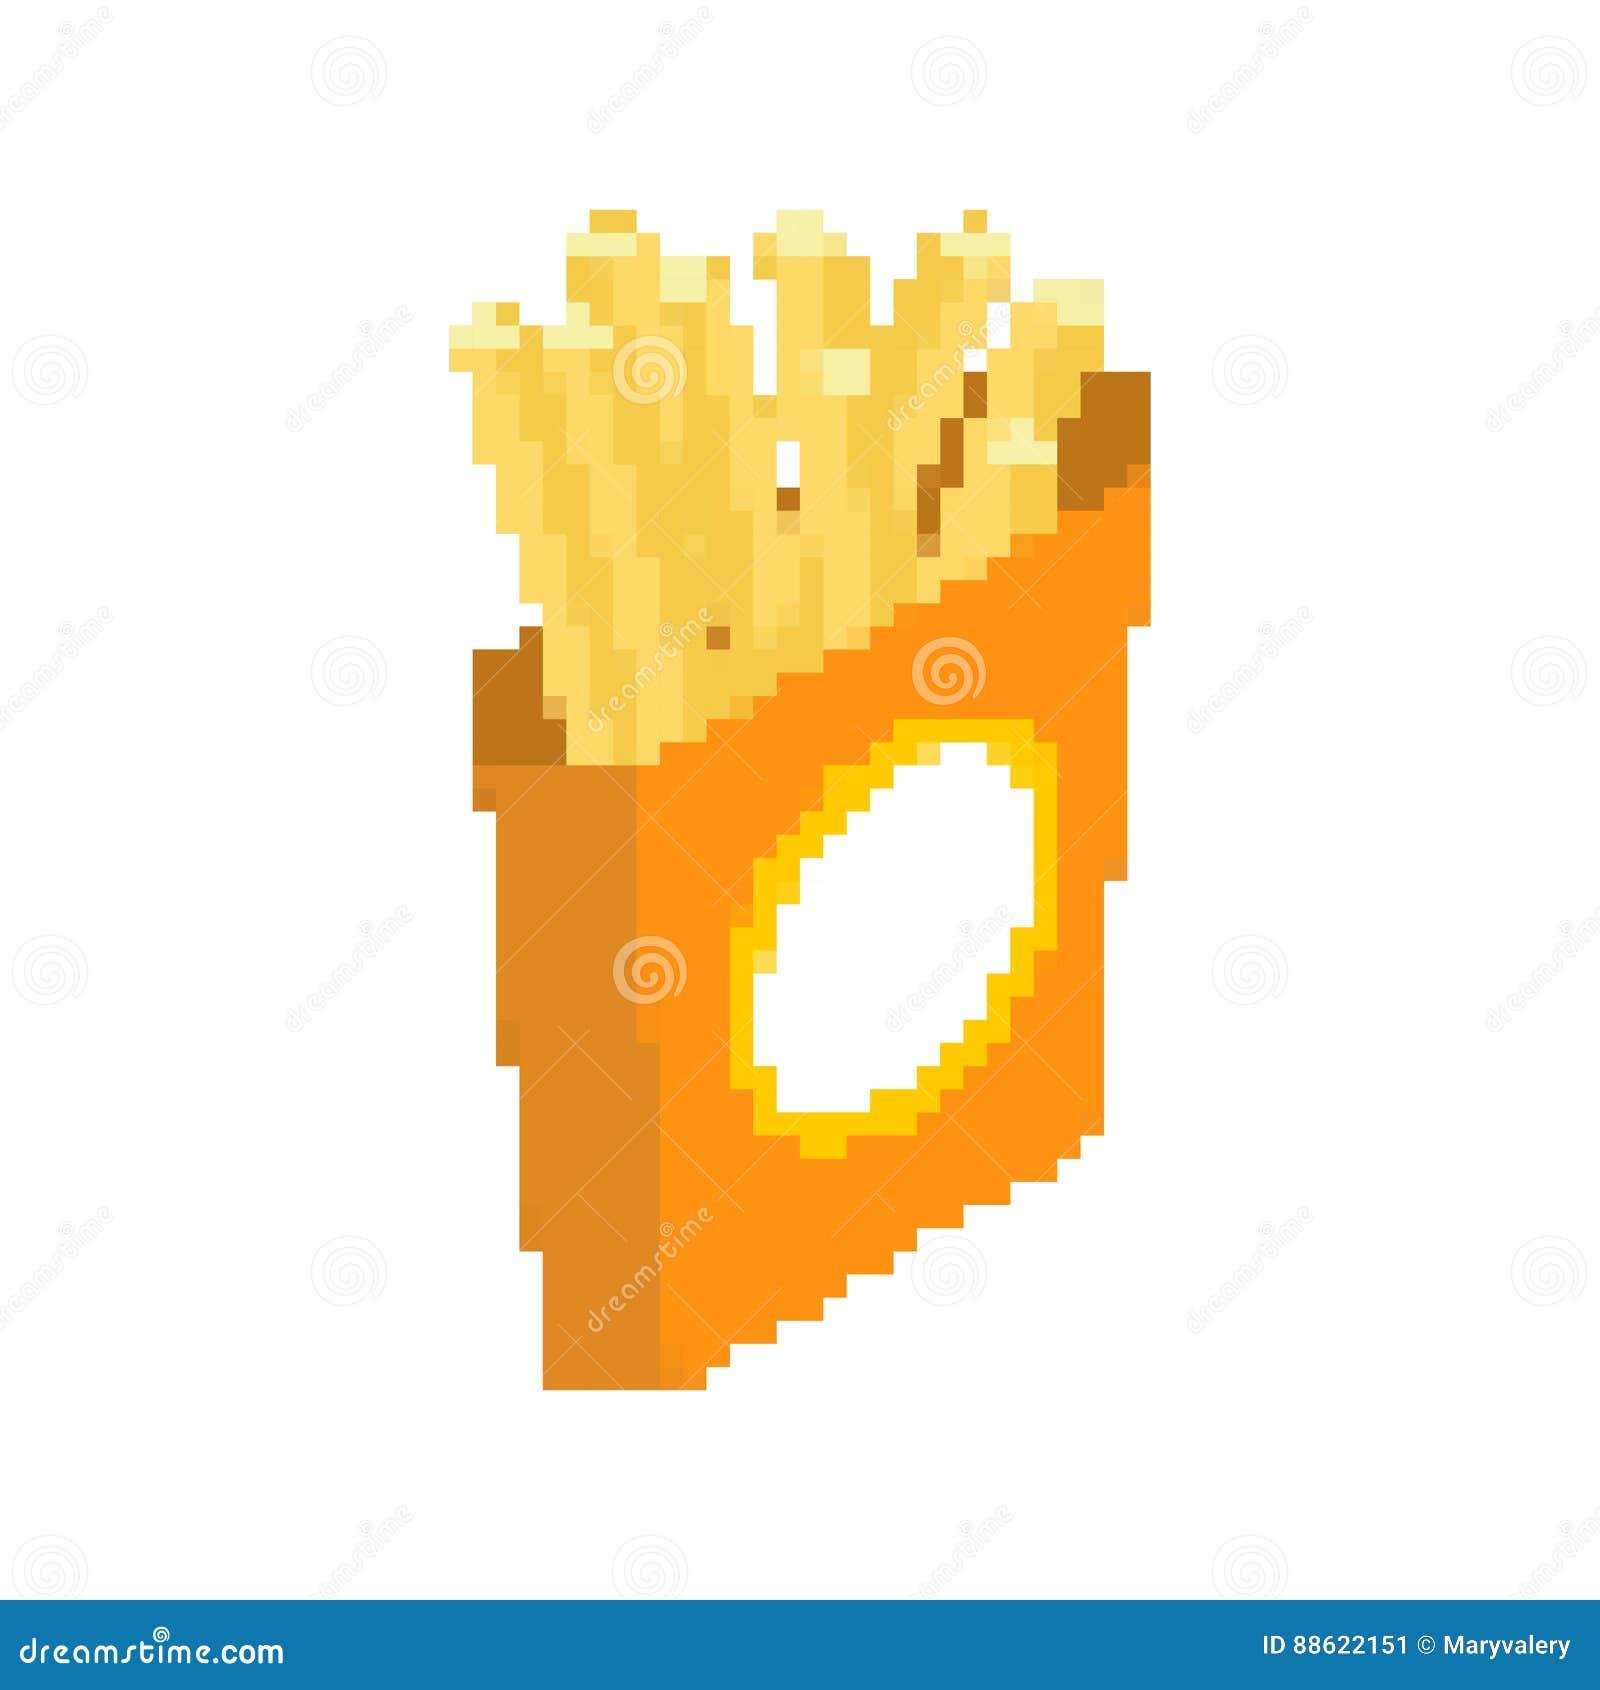 Art De Pixel De Pommes Frites Aliments De Préparation Rapide